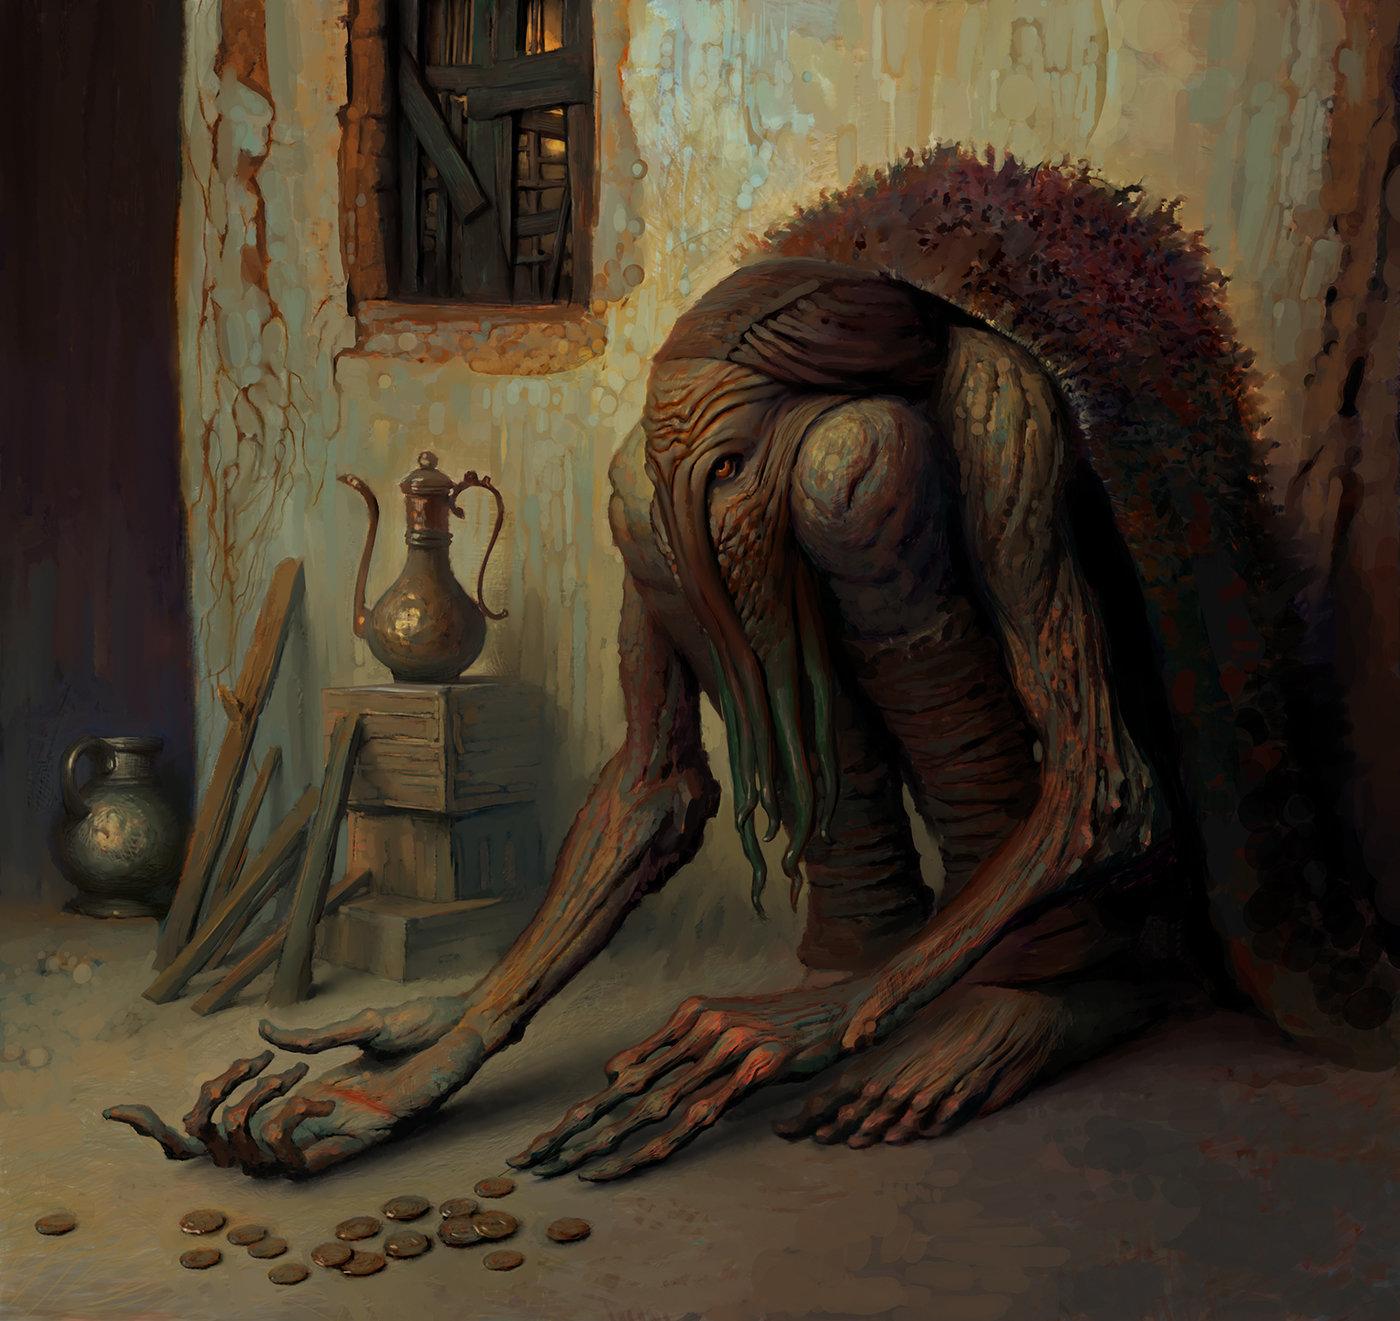 Fantasy Art: Beggar, by Andrey Surnov